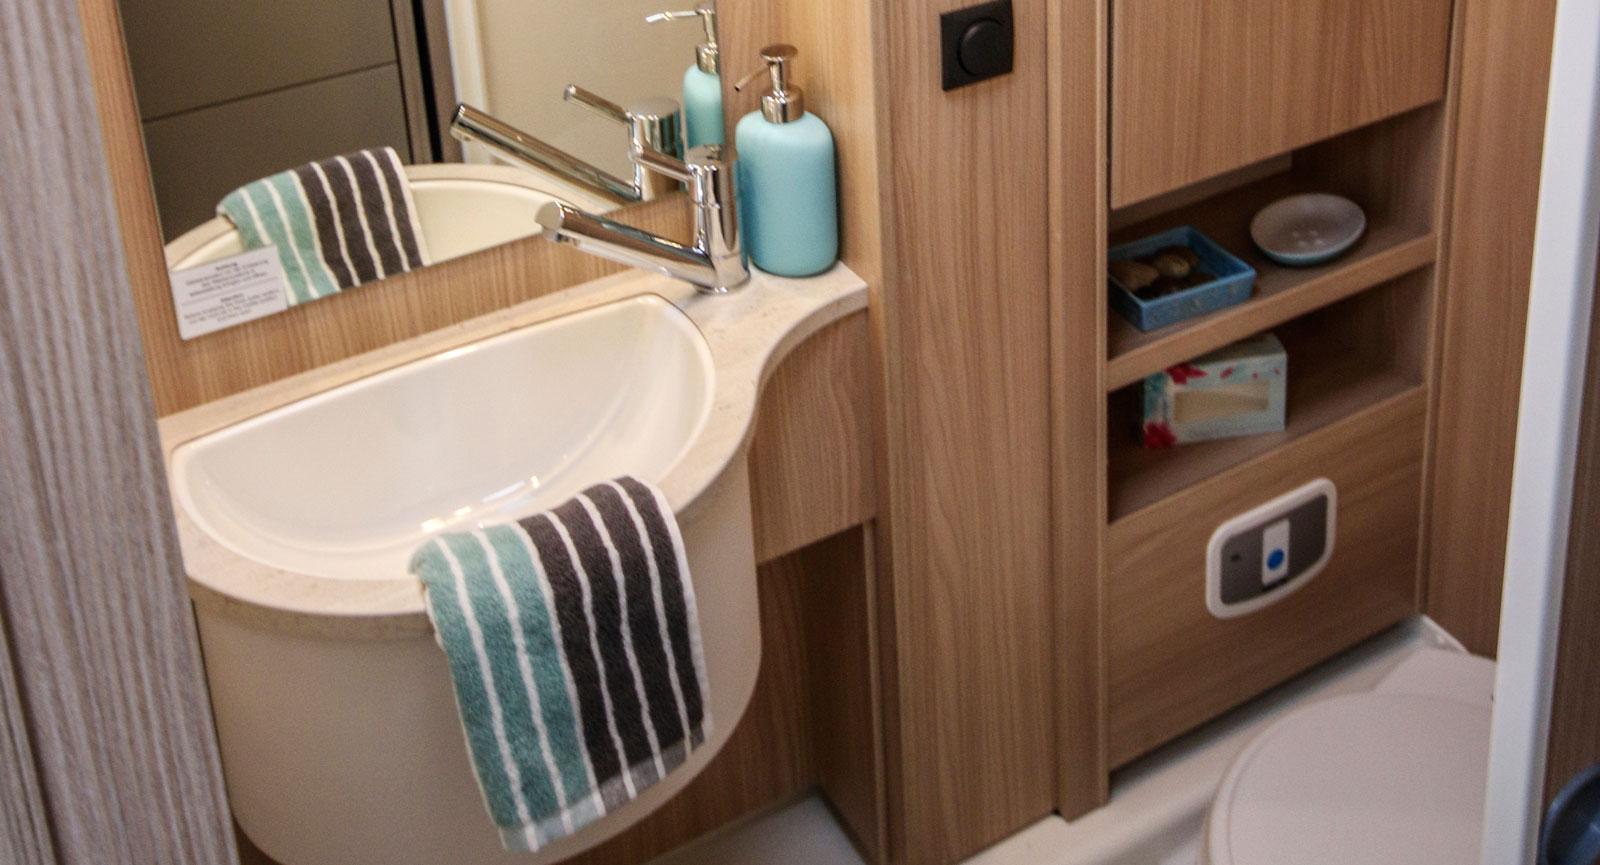 Det finns några detaljer som behöver åtgärdas på toaletten innan det är exemplariskt för barnfamiljen.